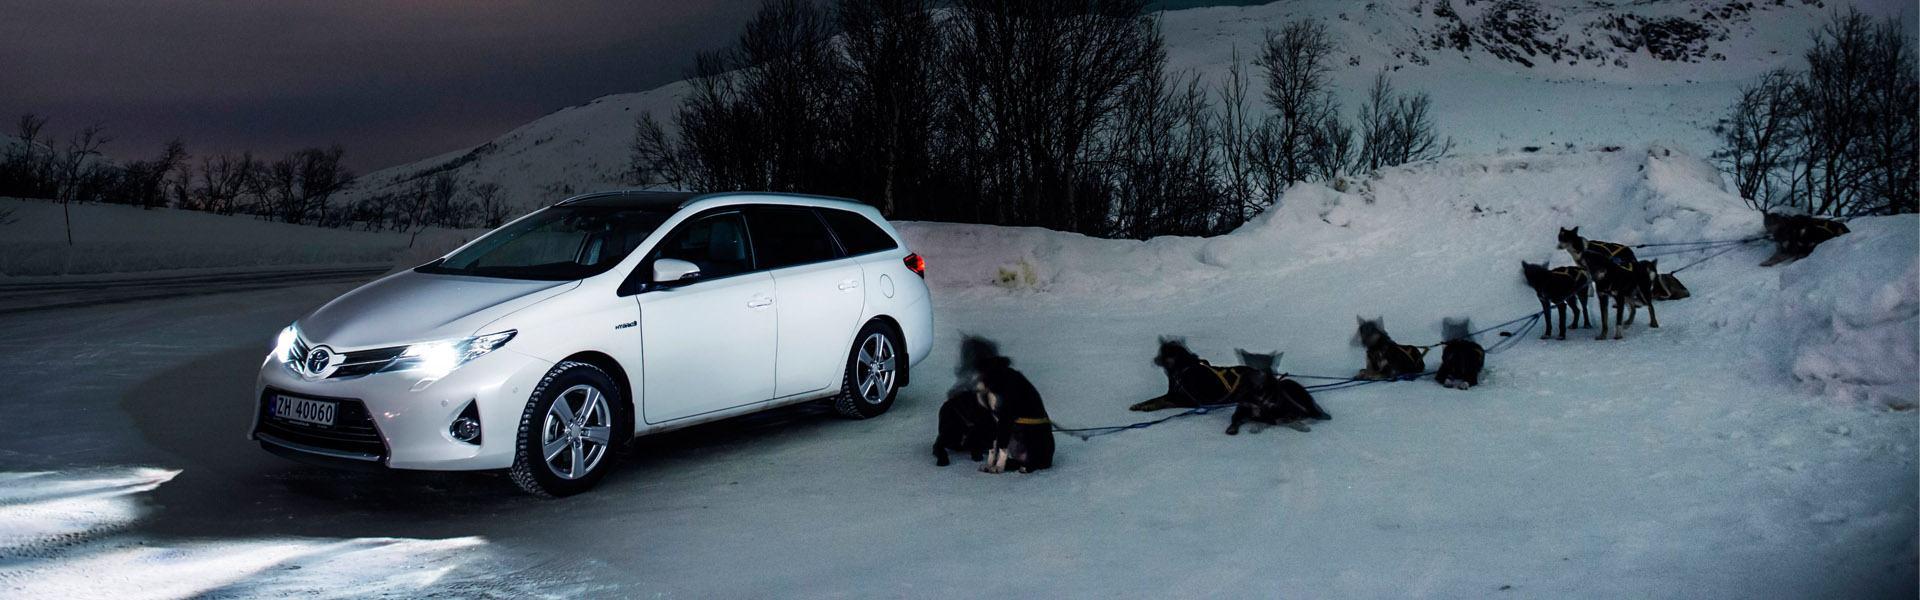 Sneeuwkettingen voor de Toyota Auris